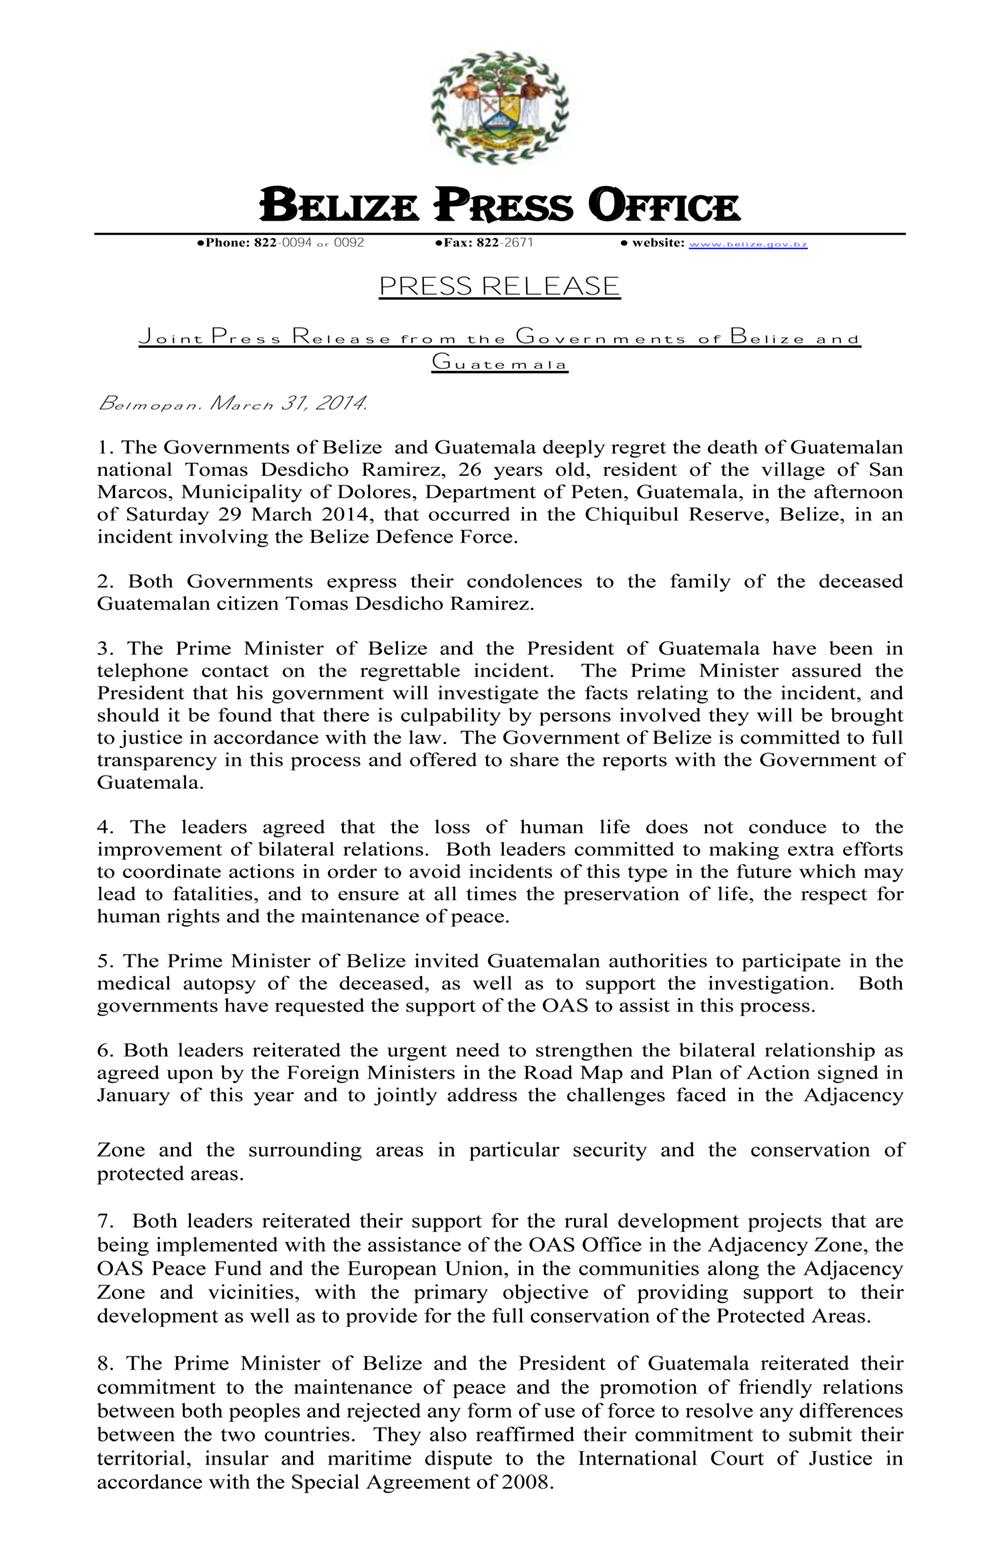 Joint Statement (Belize & Guatemala)